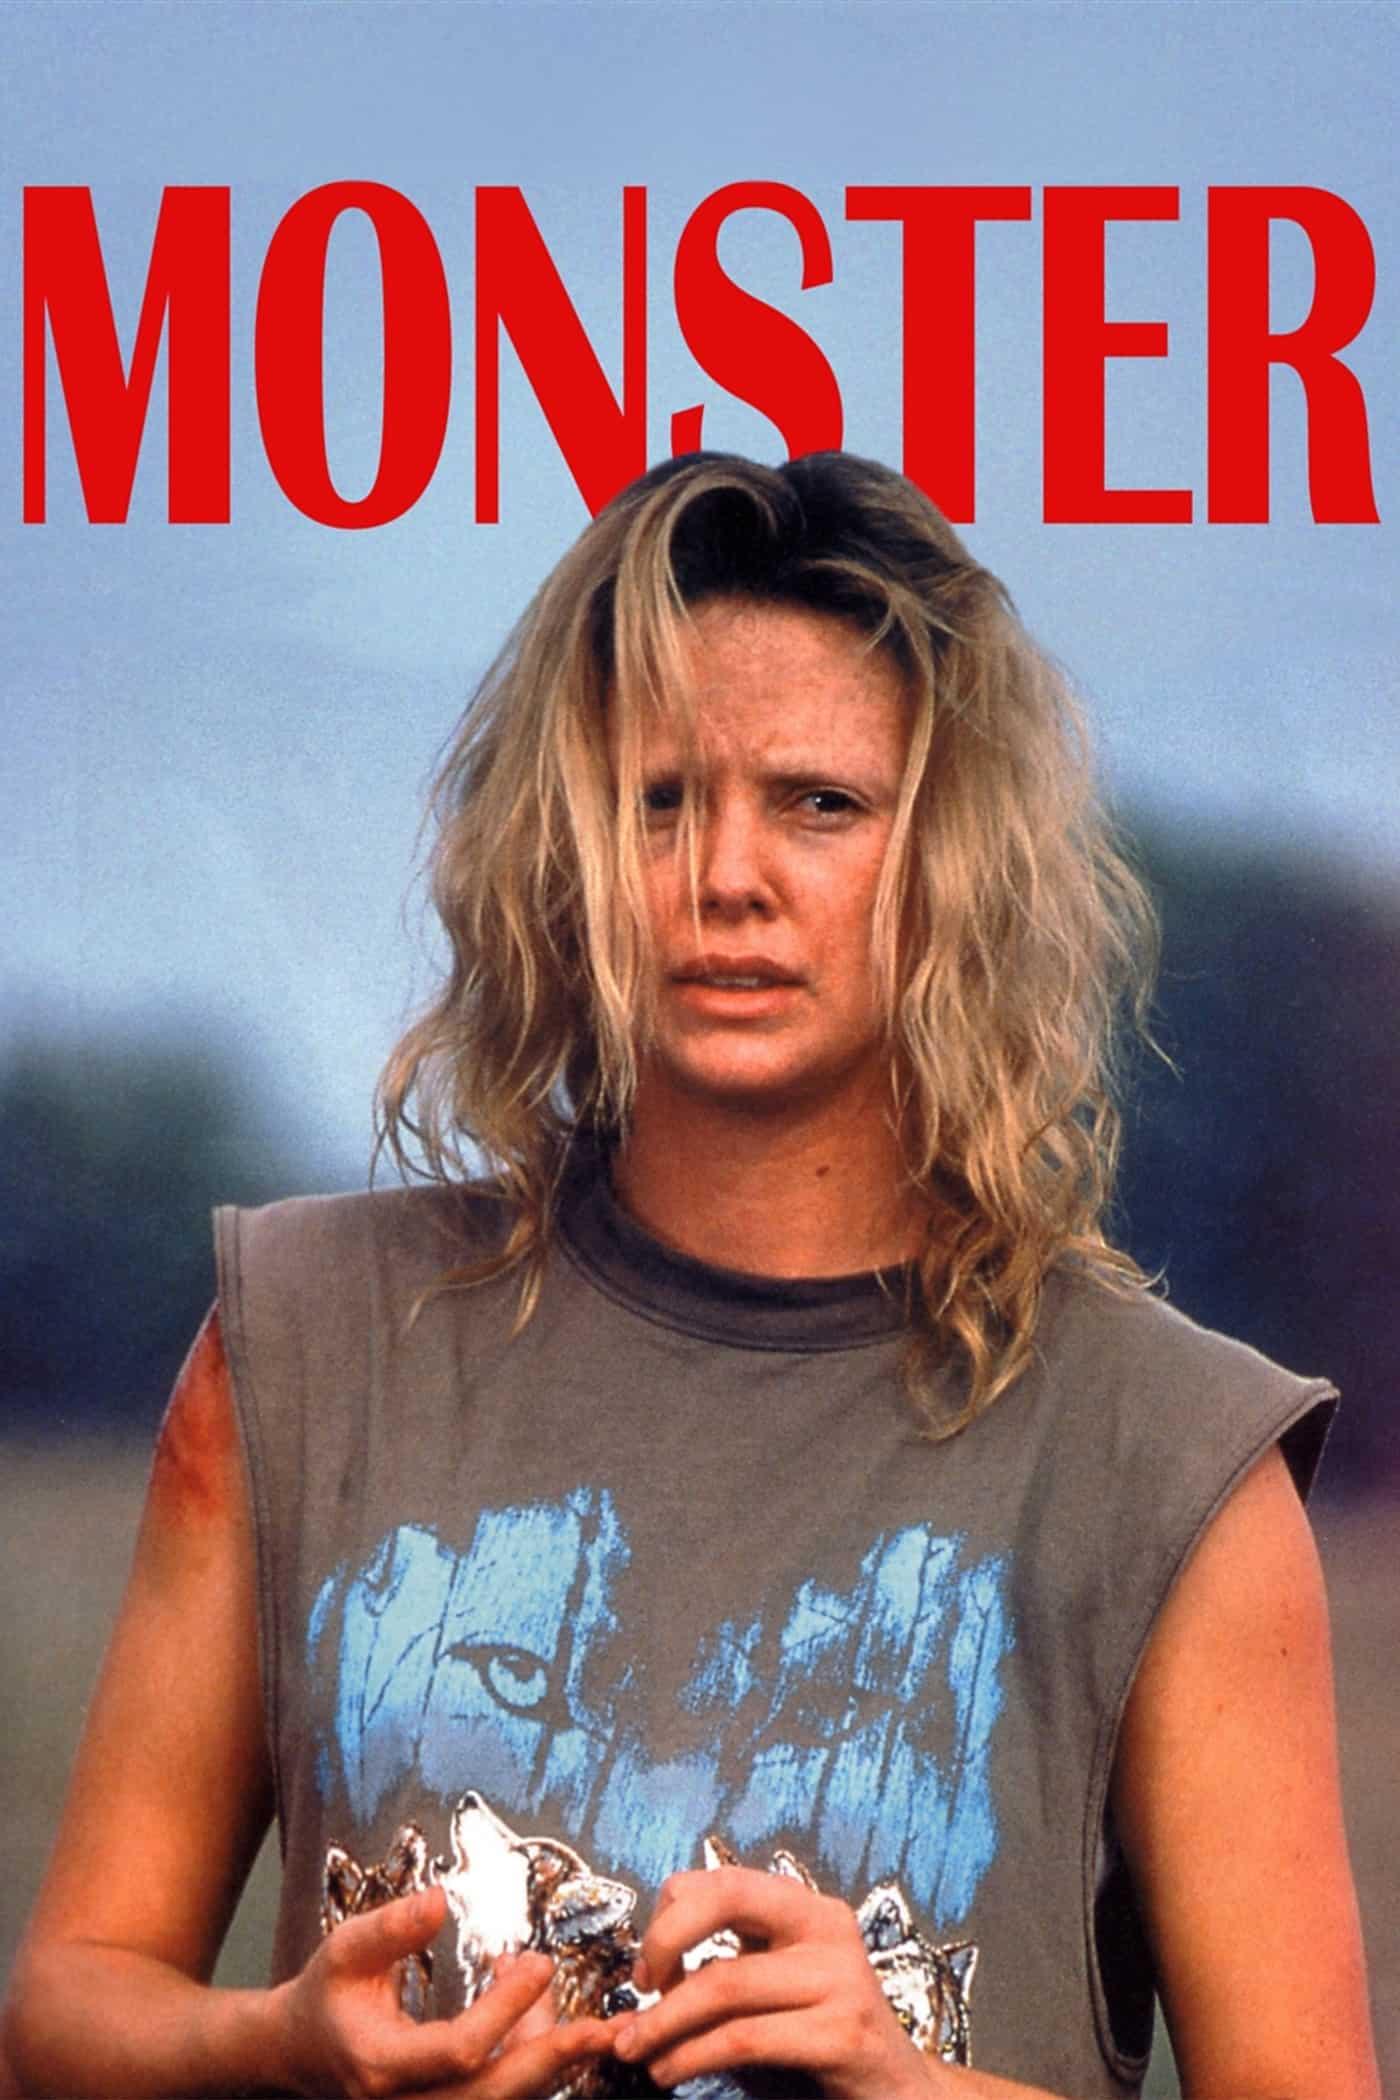 Monster, 2003